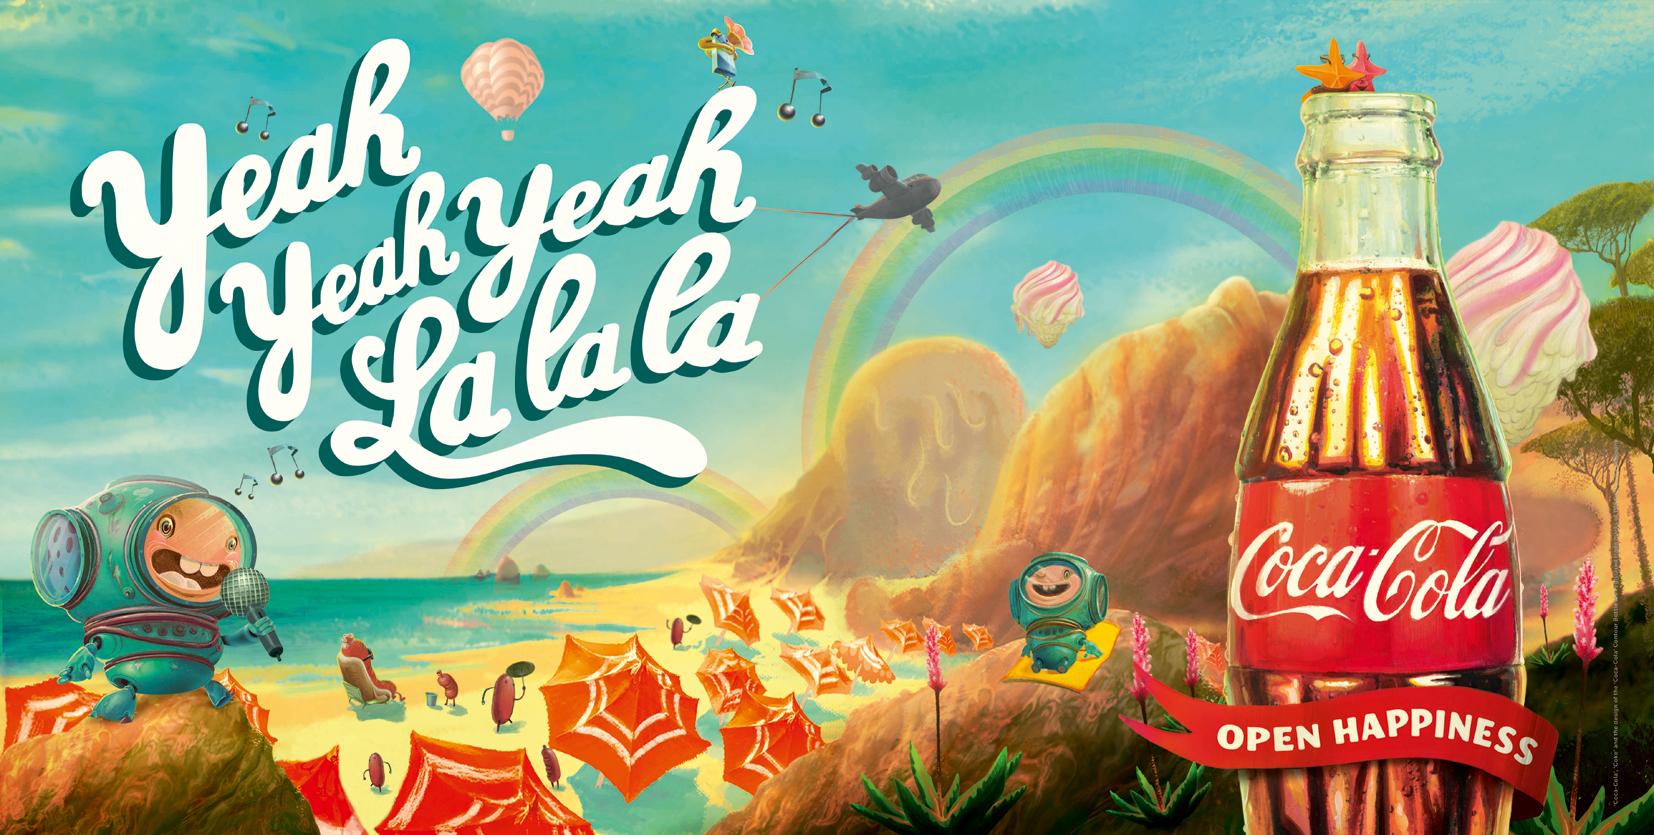 Coke Yeah Yeah Yeah La La La Beach 48